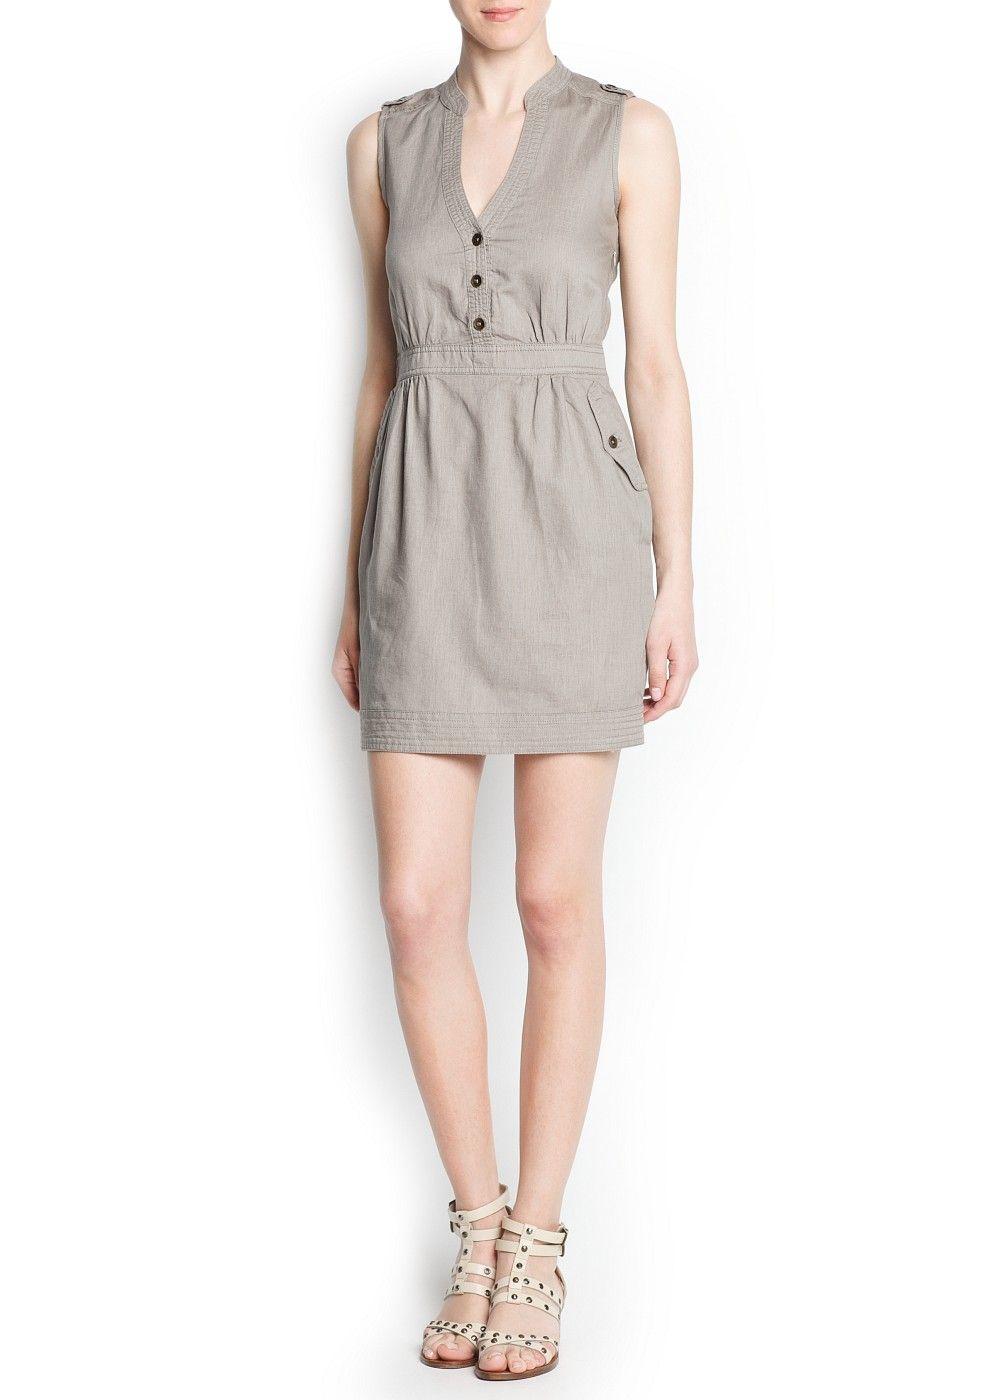 3bcc2207d Vestido camisero lino y algodón - Mujer